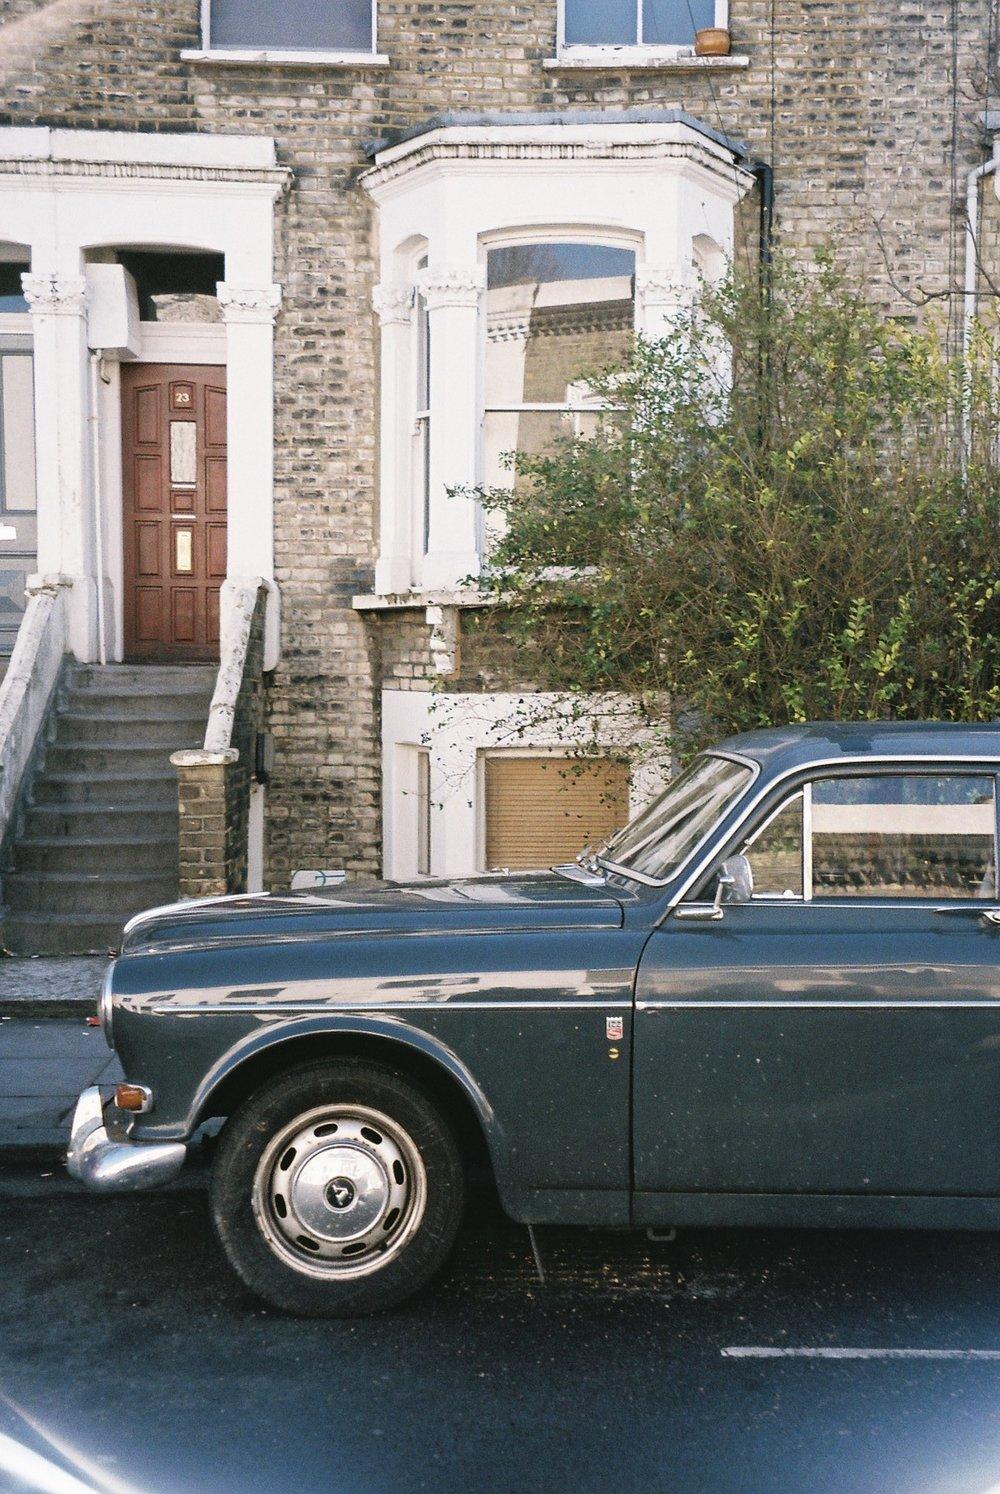 Another vintage car this time in my old neighbourhood in Islington. / Mais um carro vintage desta vez no meu antigo bairro em Islington.